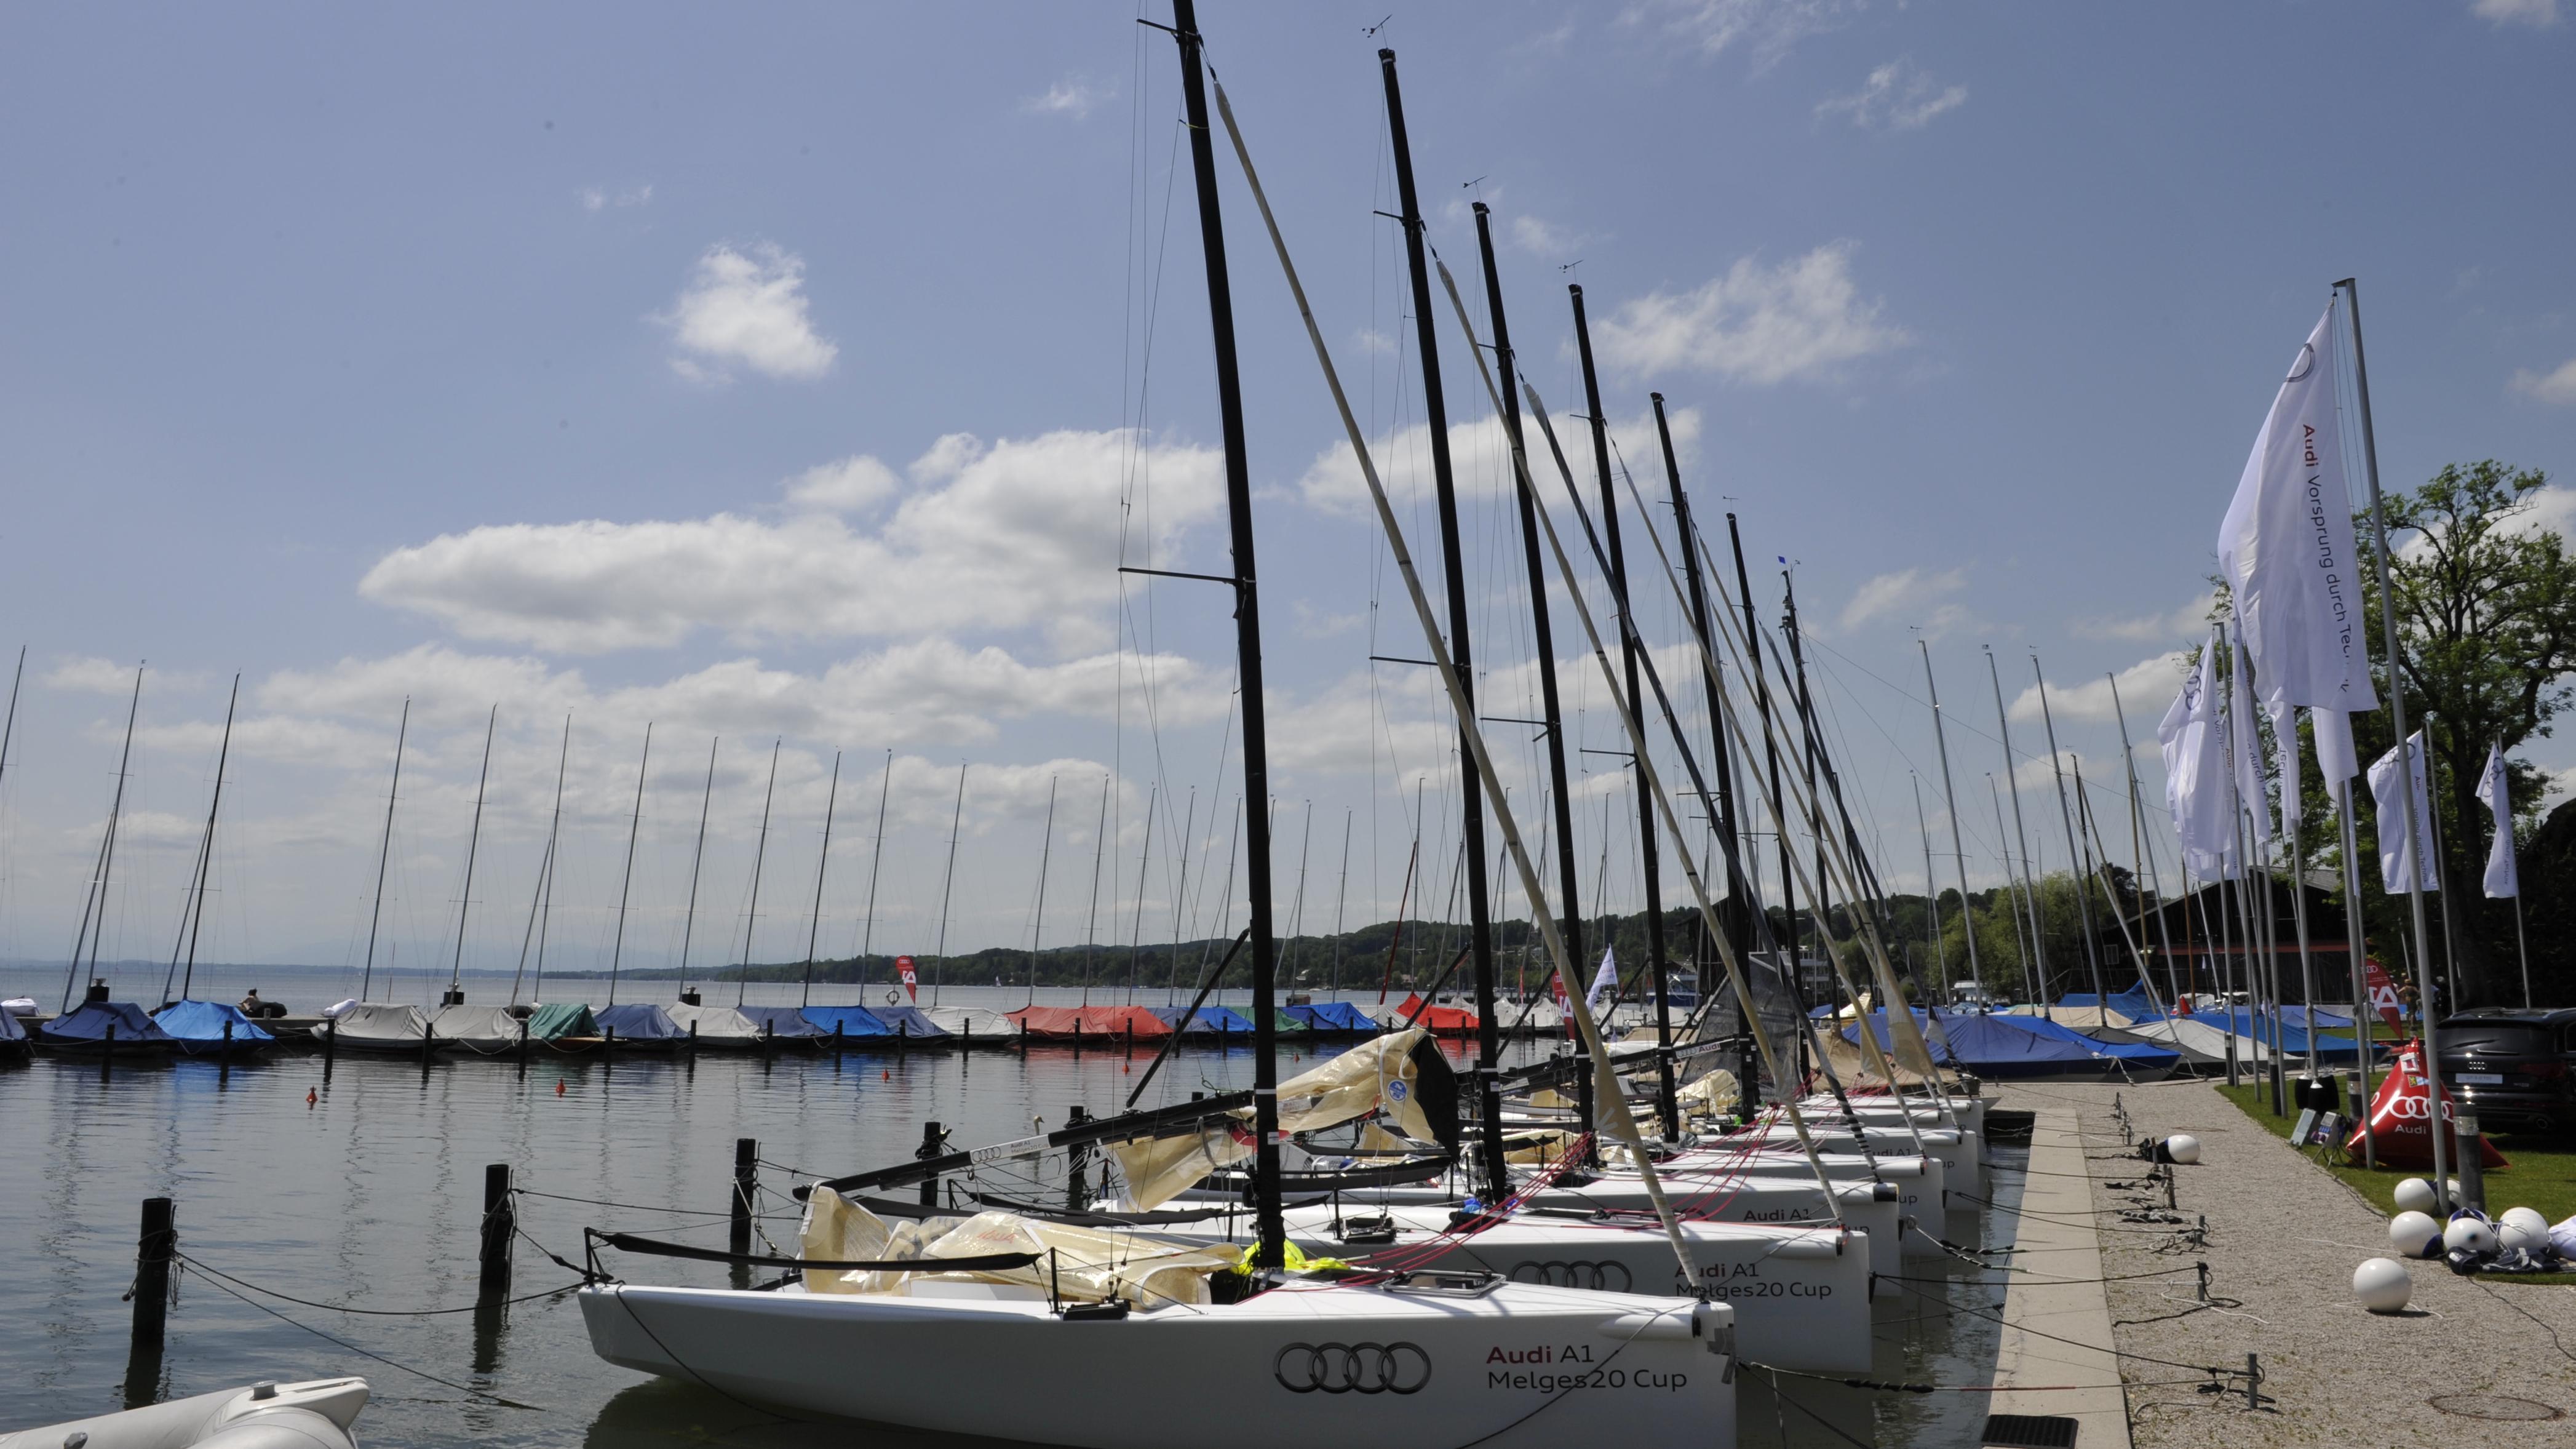 """Am Ufer des Starnberger Sees befinden sich mehrere Yachten, einige davon mit der Aufschrift """"Audi"""". Es ist schönes, sonniges Wetter. Auf dem Bild sind keine Menschen zu sehen."""